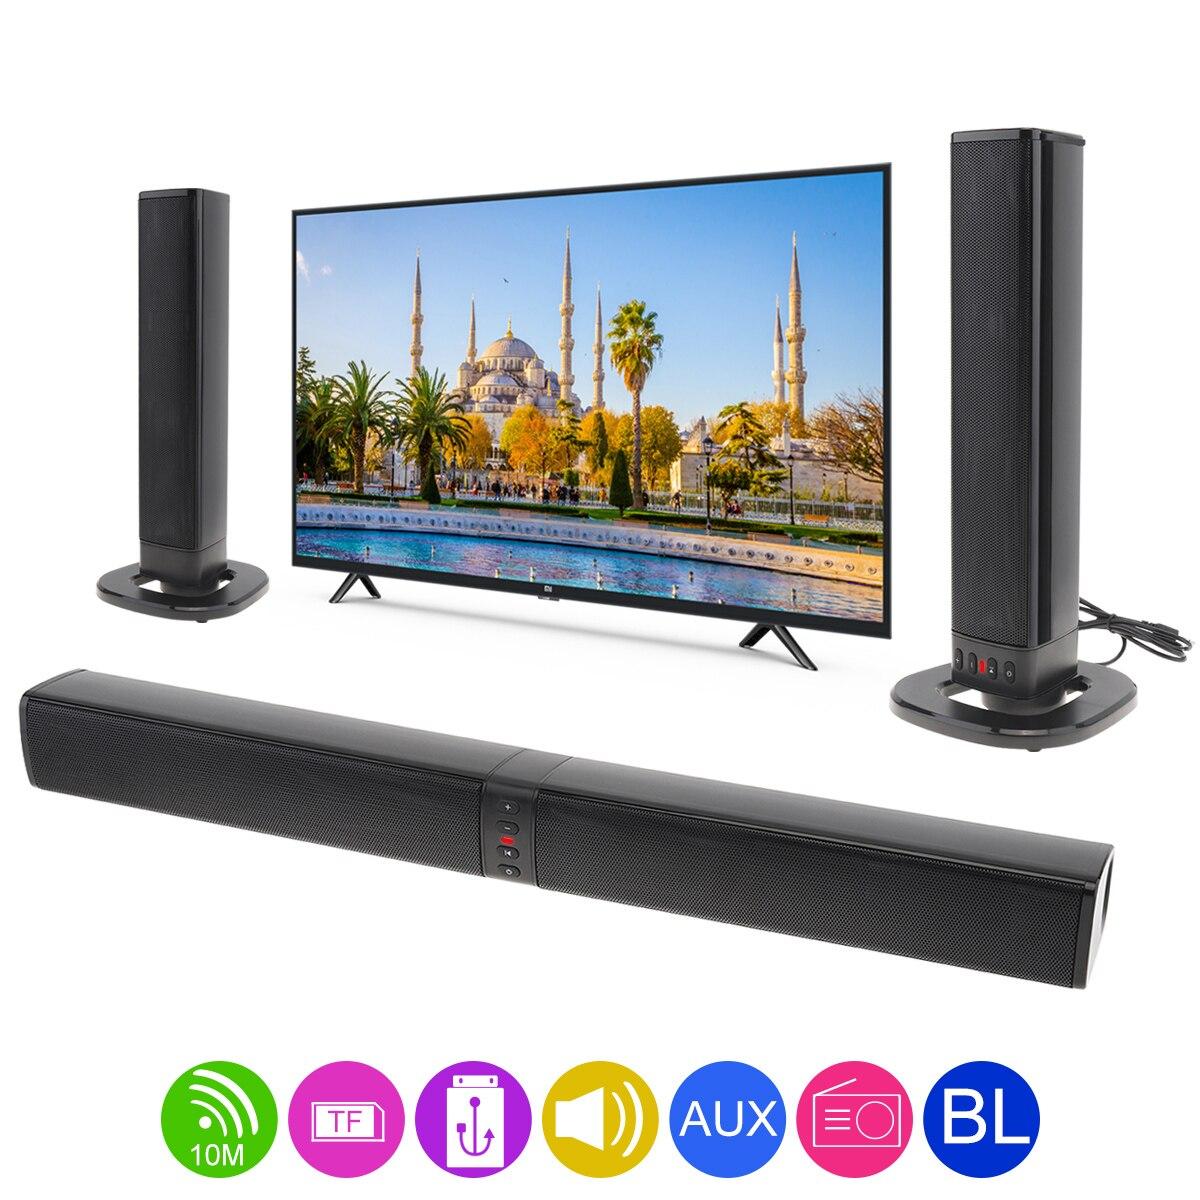 BS-36 Home cinéma Surround multi-fonction Bluetooth barre de son haut-parleur avec 4 cornes de gamme complète Support pliable Split pour TV/PC